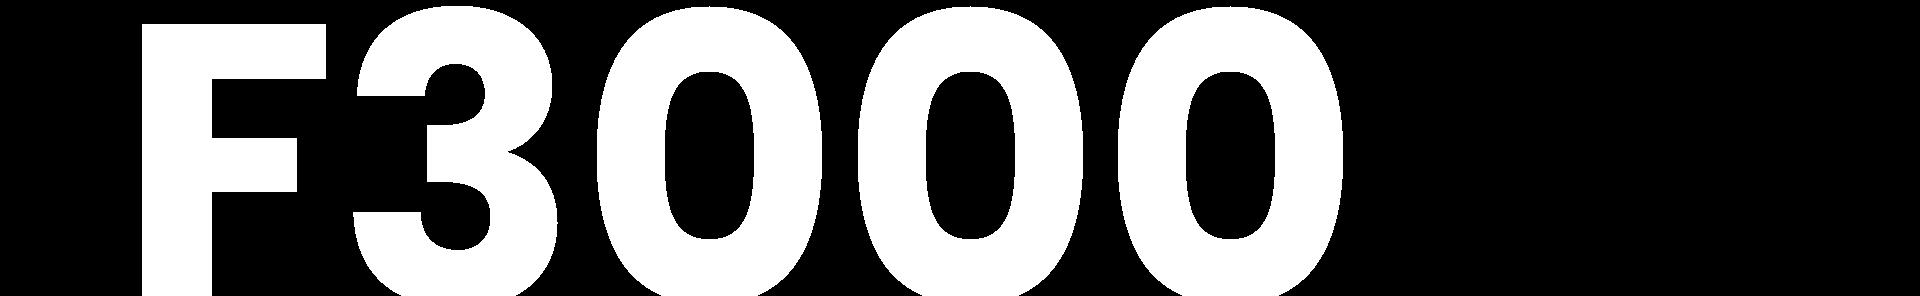 F3000_Background_Freshfilter